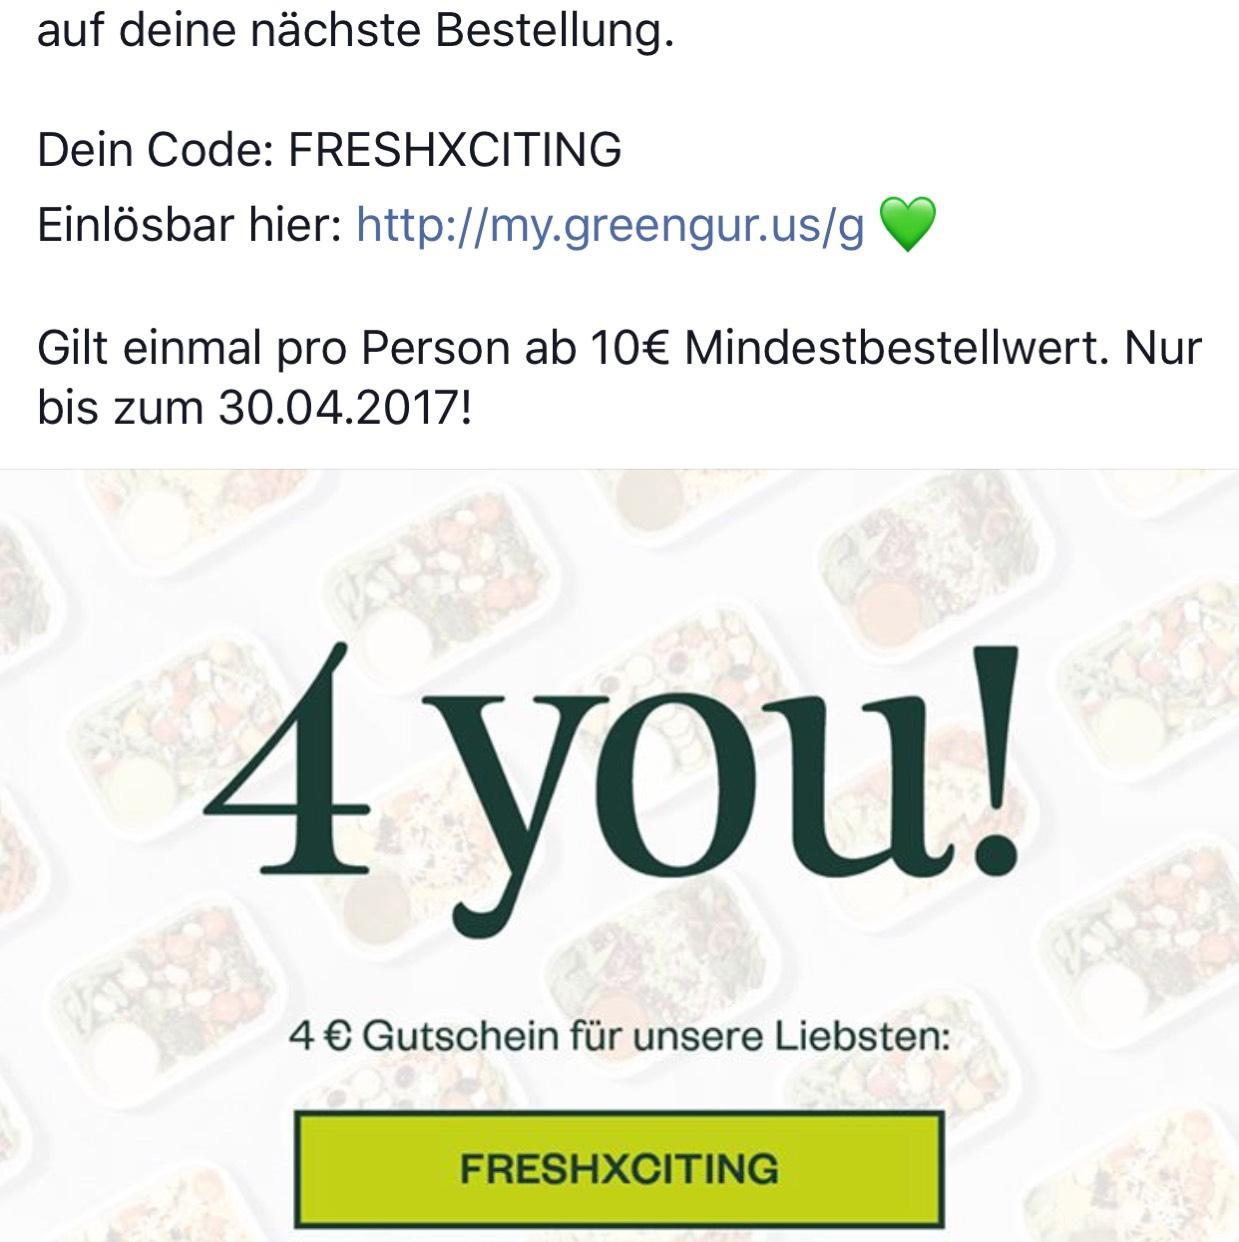 4€ Greengurus Gutschein (10€ MBW) - Berlin